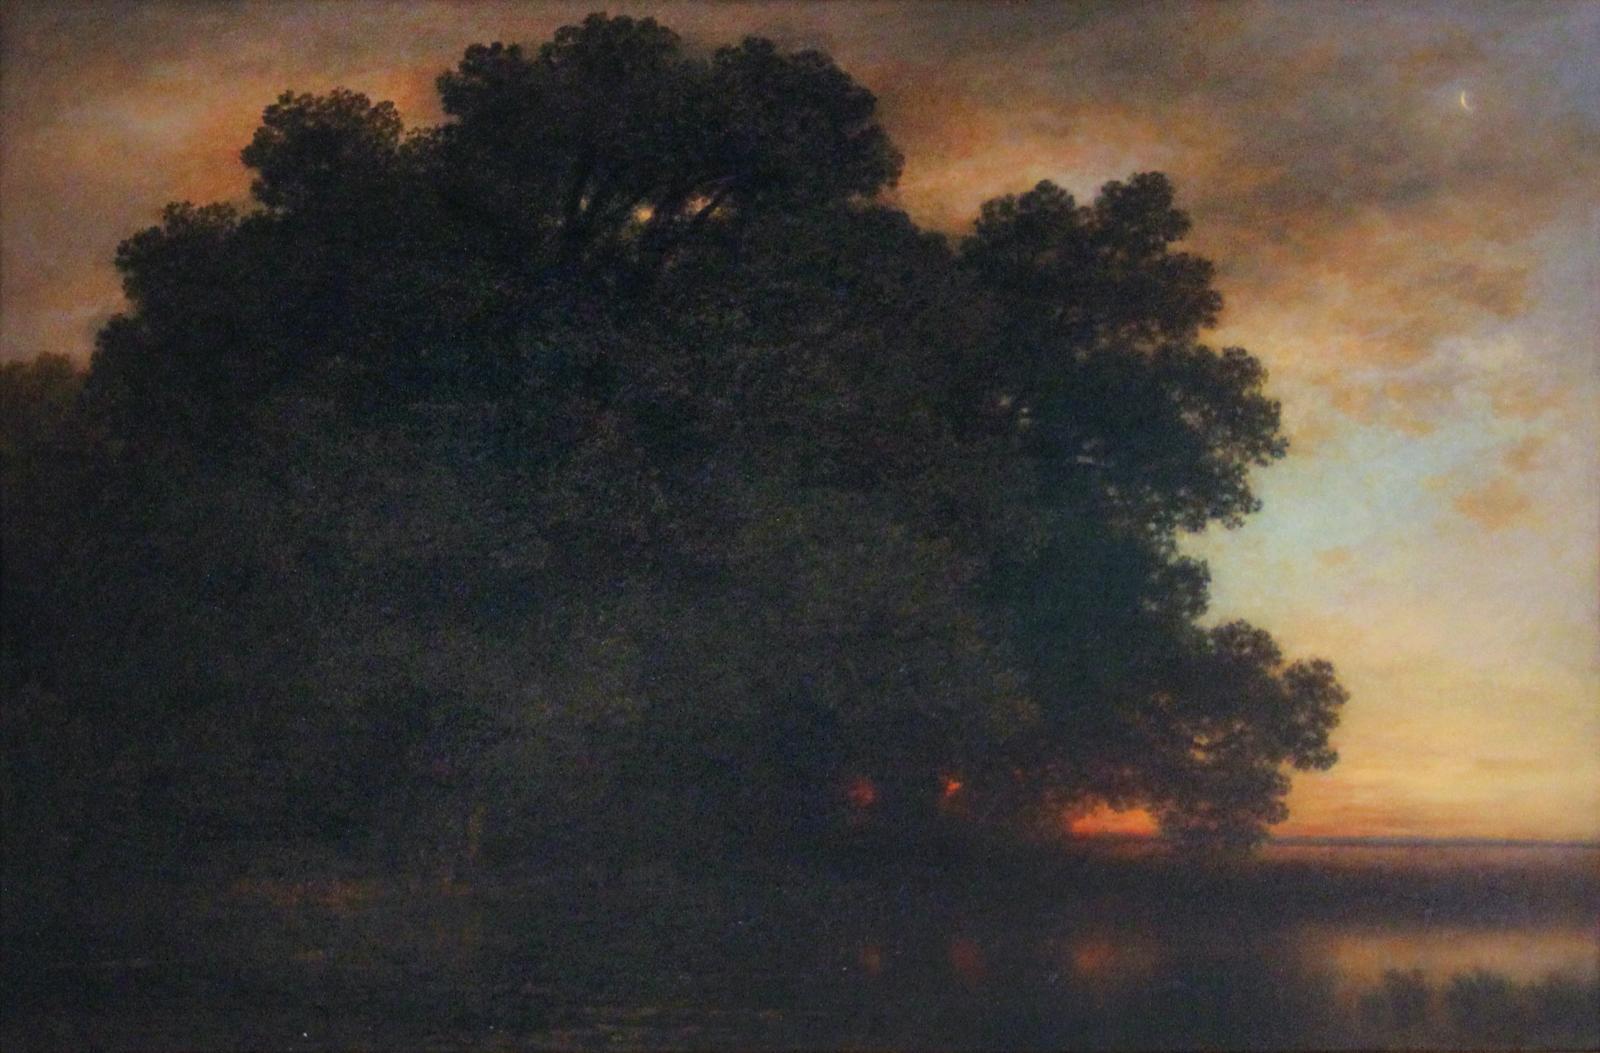 Stillness by the Lake